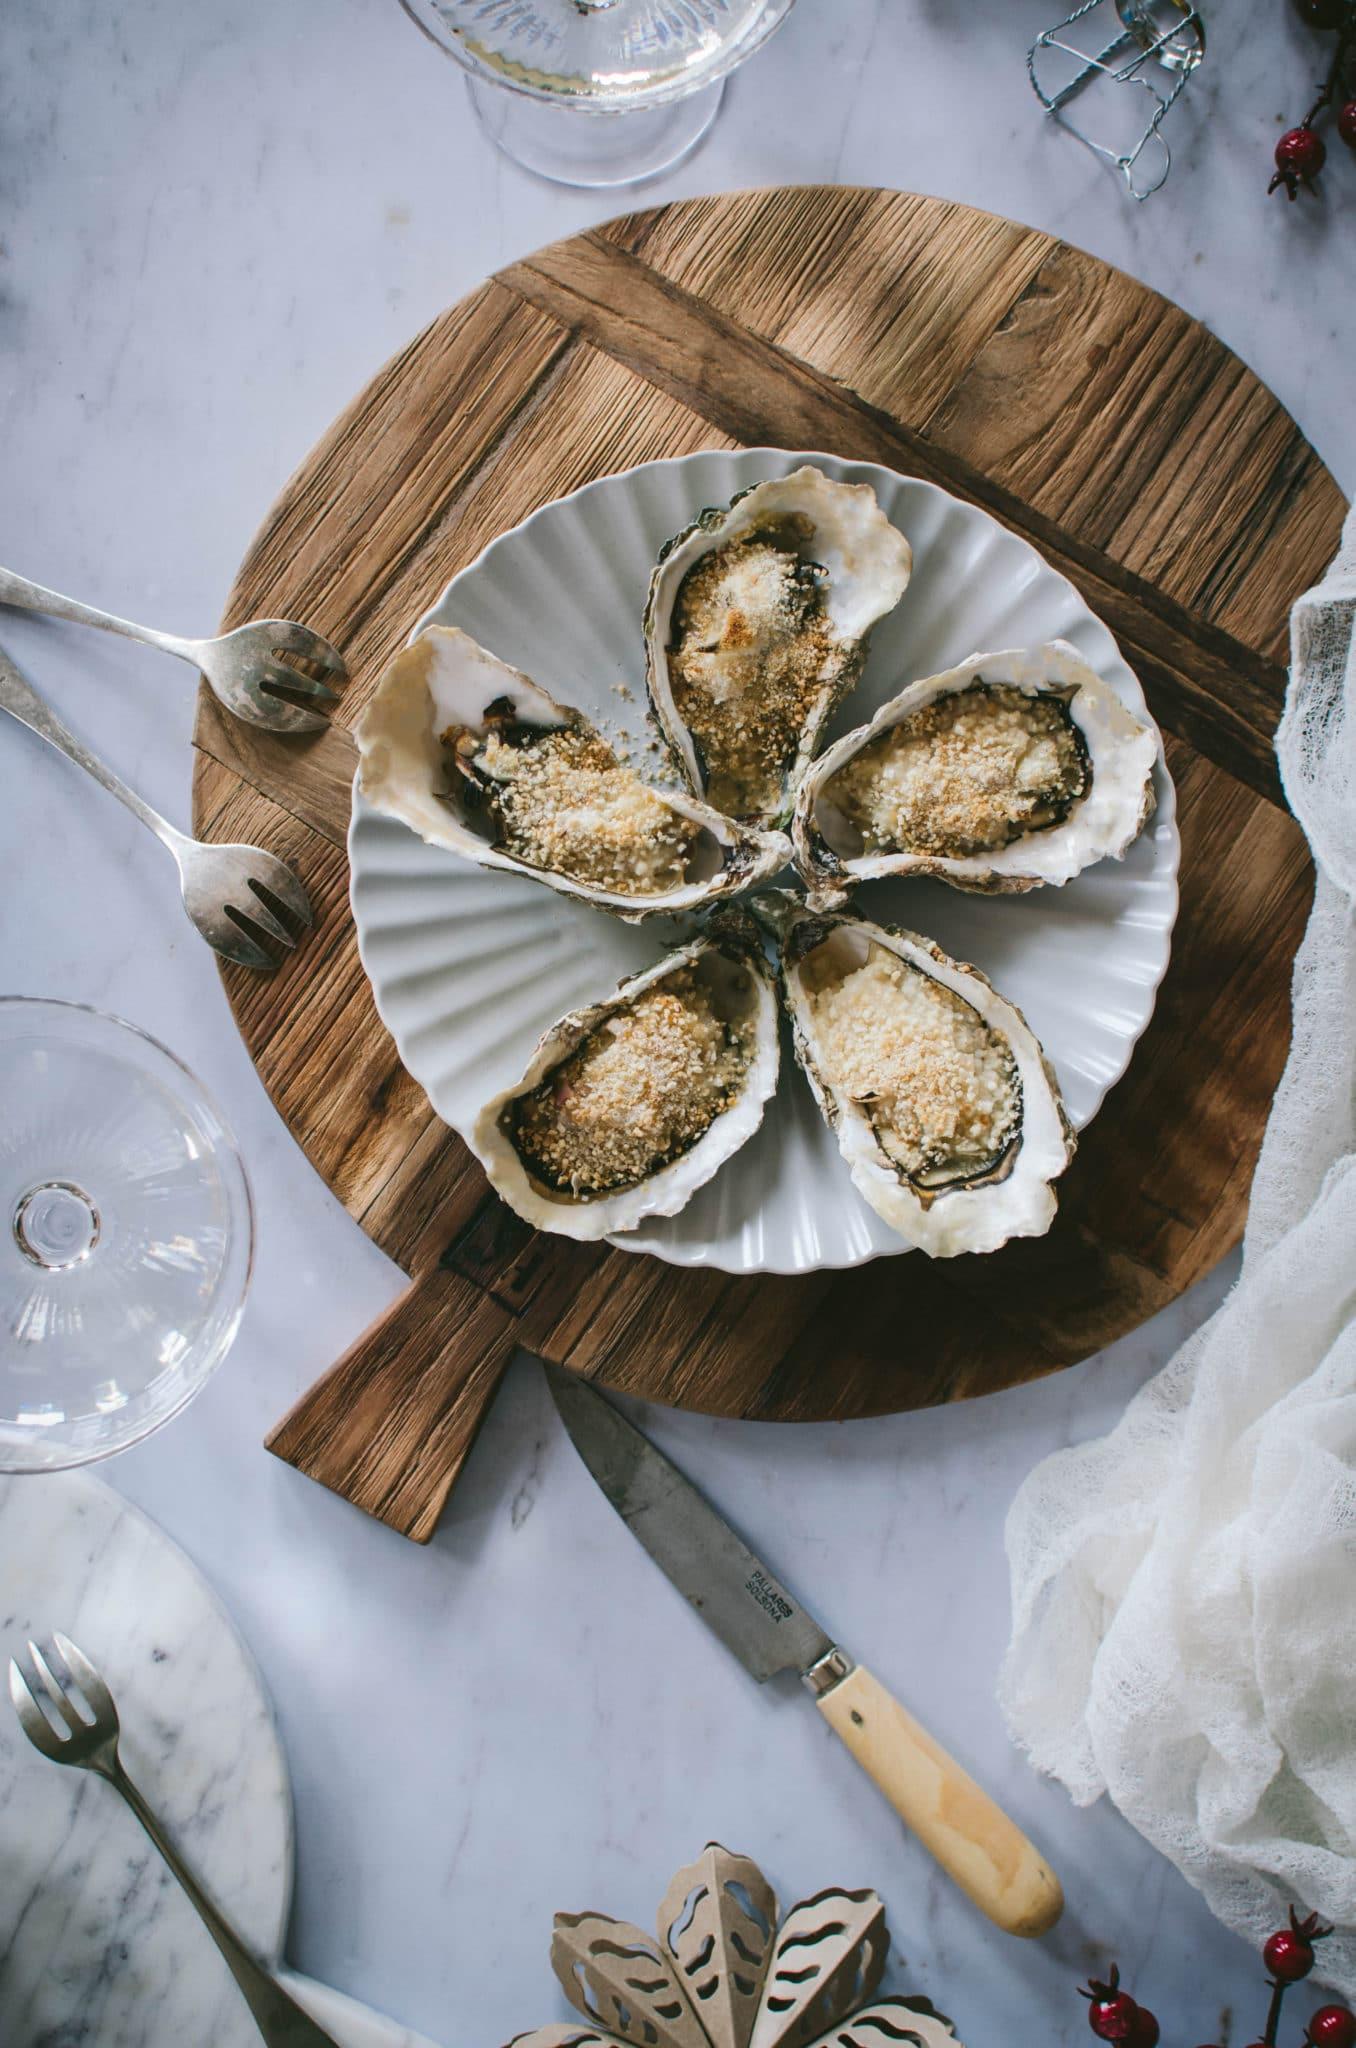 Huîtres chaudes gratinées au four